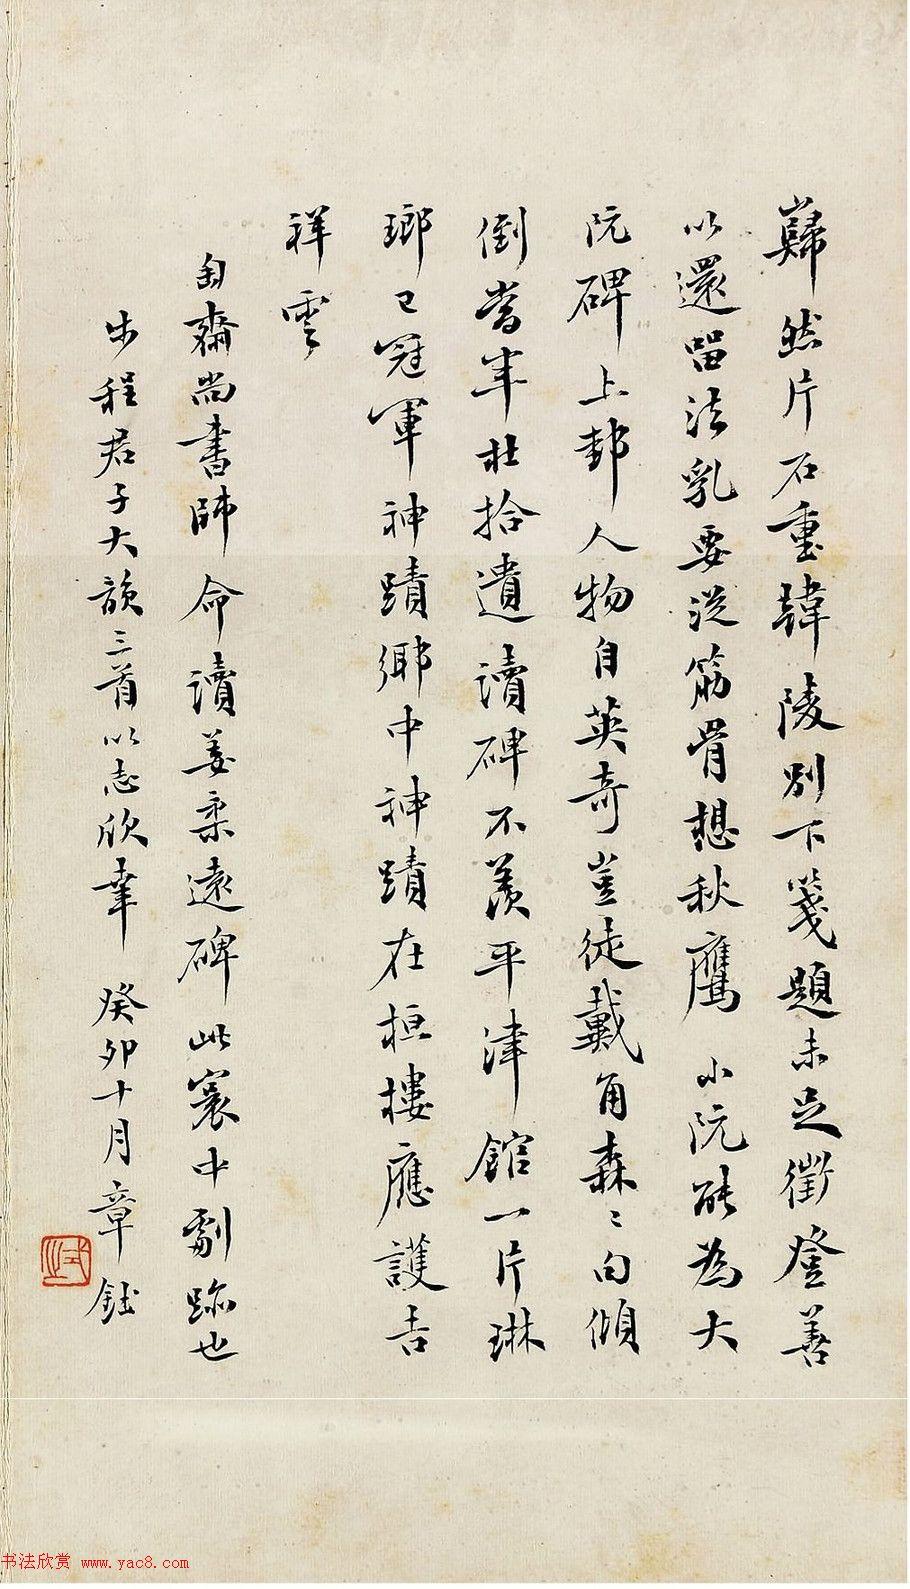 唐代姜睎楷书《姜遐断碑》附题跋